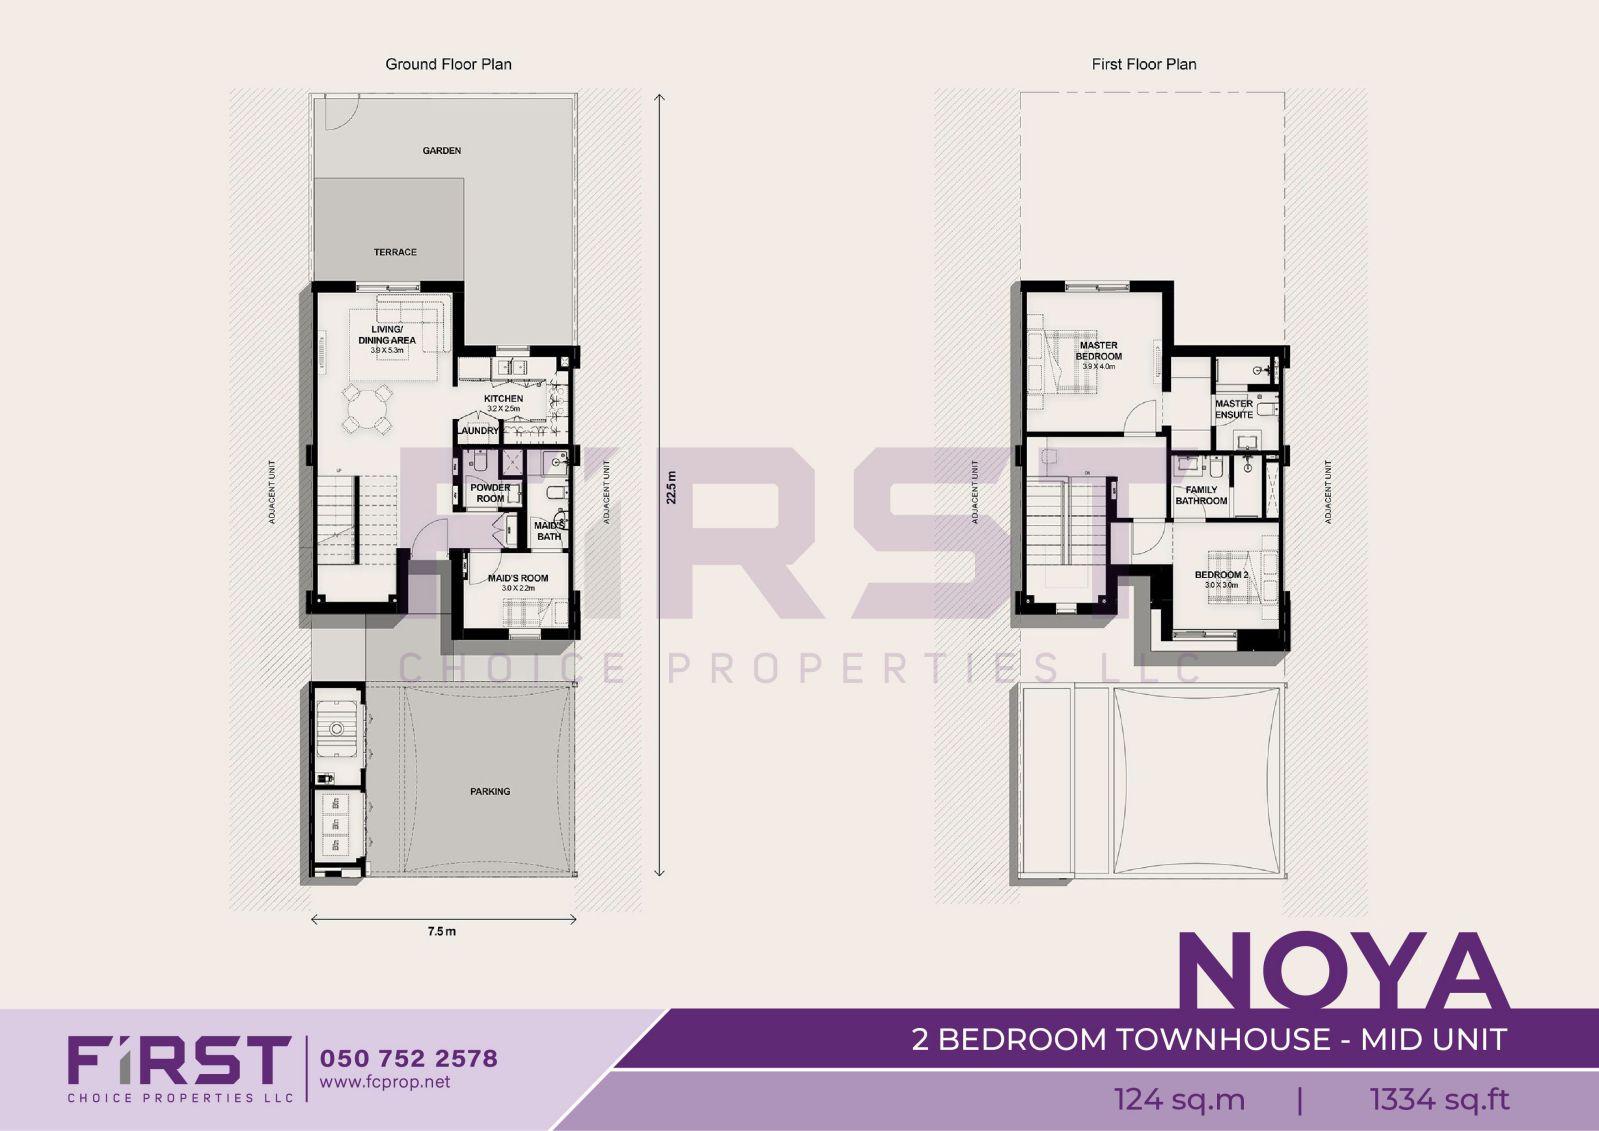 Floor Plan of 2 Bedroom Townhouse Mid Unit in Noya Yas Island Abu Dhabi UAE 124 sq.m 1334 sq.ft.jpg